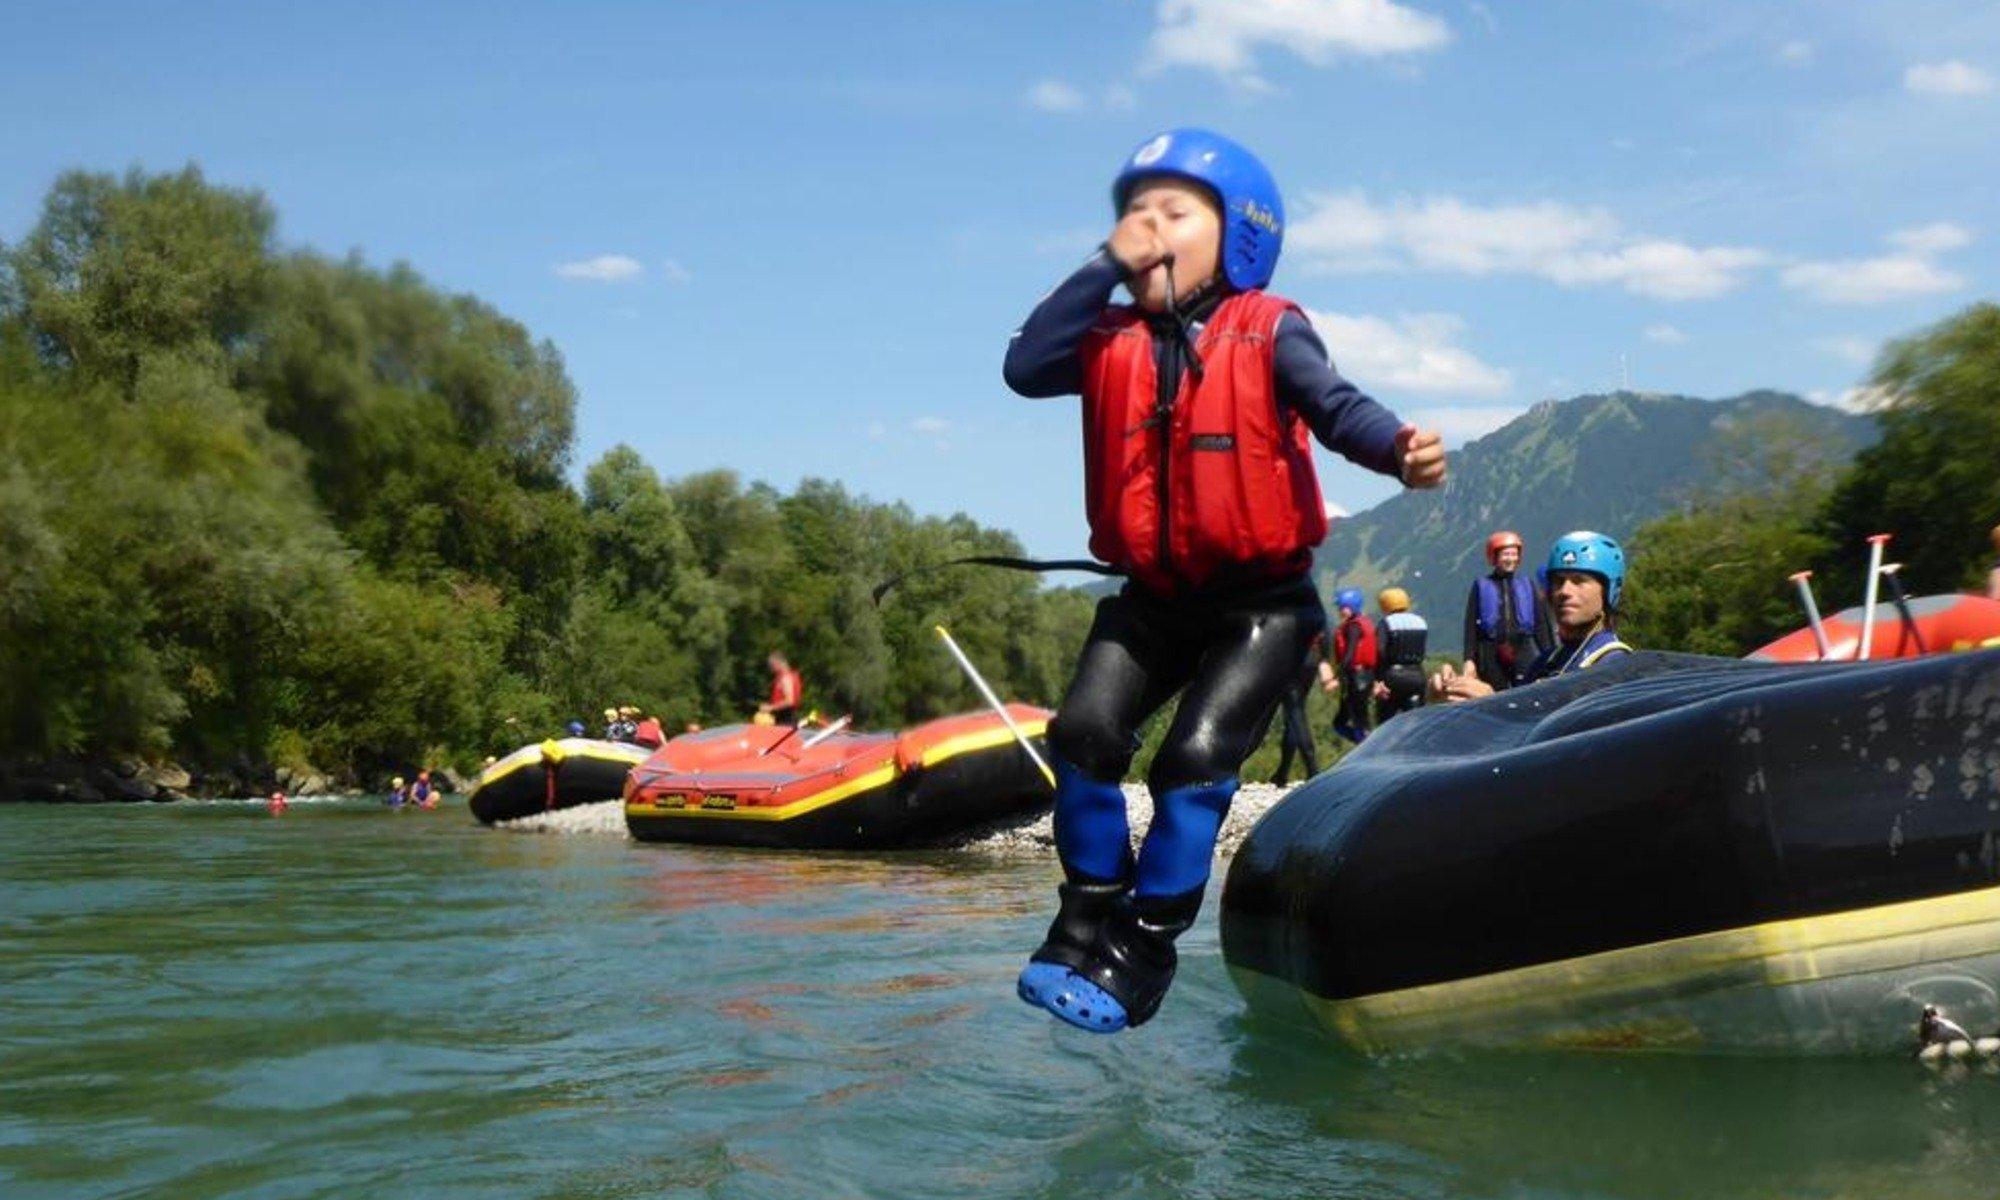 Ein Kind springt beim Rafting im Allgäu von einem Schlauchboot in die Iller.